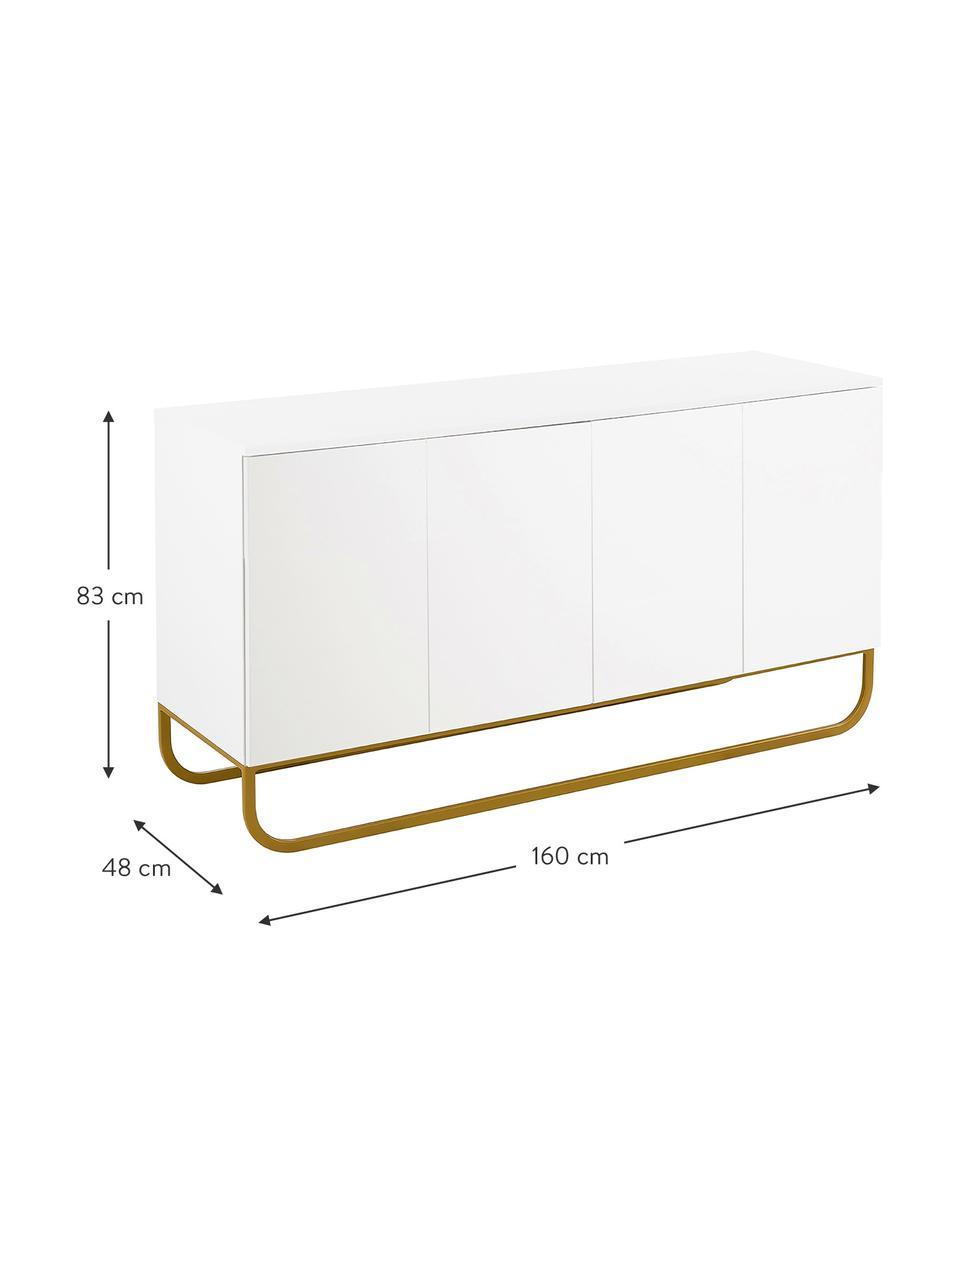 Klassisches Sideboard Sanford in Weiß mit Türen, Korpus: Mitteldichte Holzfaserpla, Fußgestell: Metall, pulverbeschichtet, Weiß, Goldfarben, 160 x 83 cm